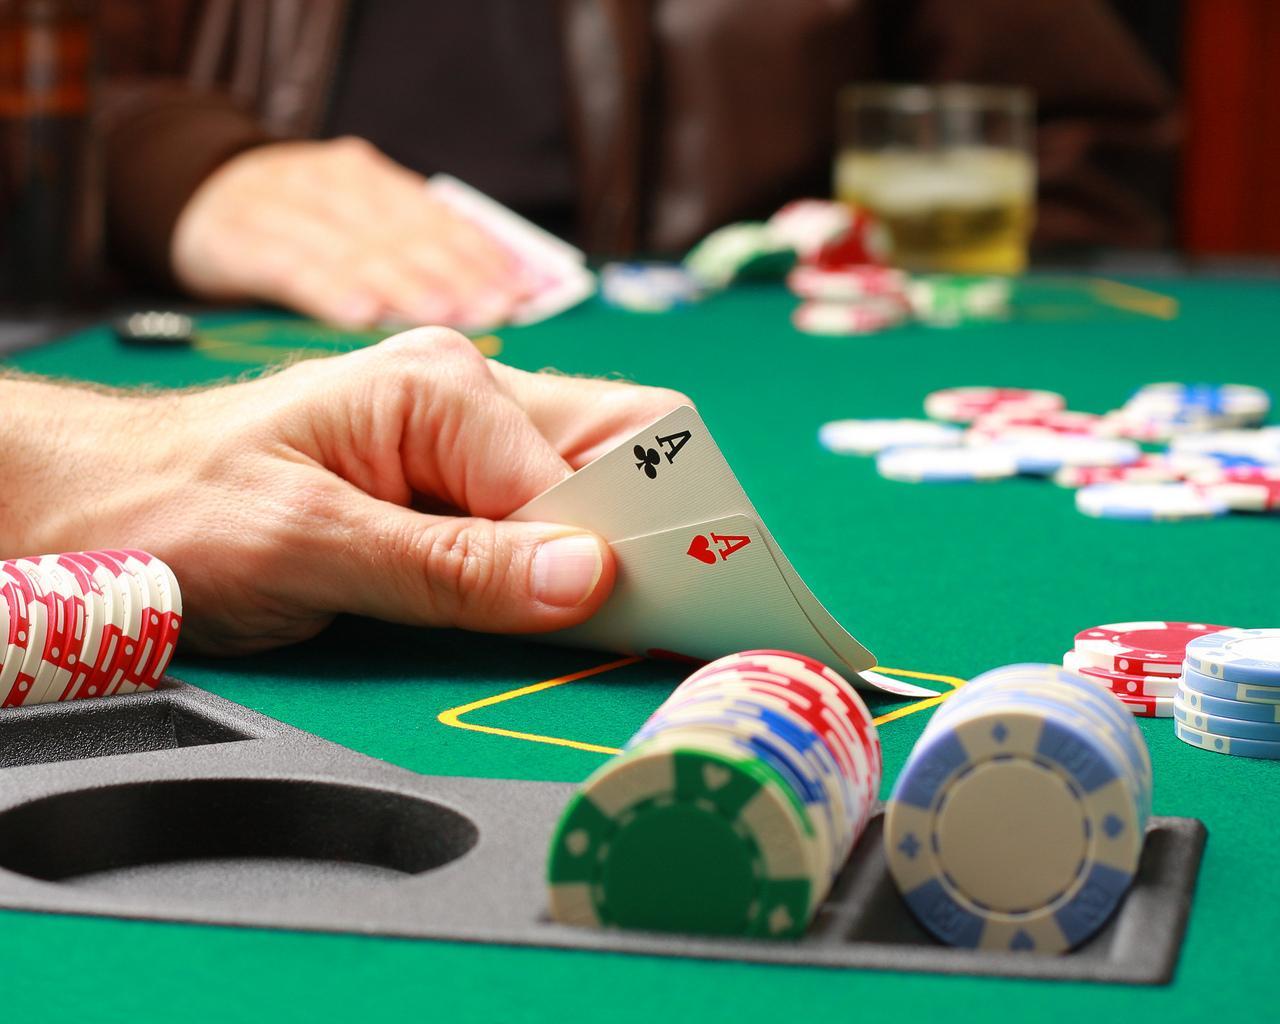 игорный клуб покер